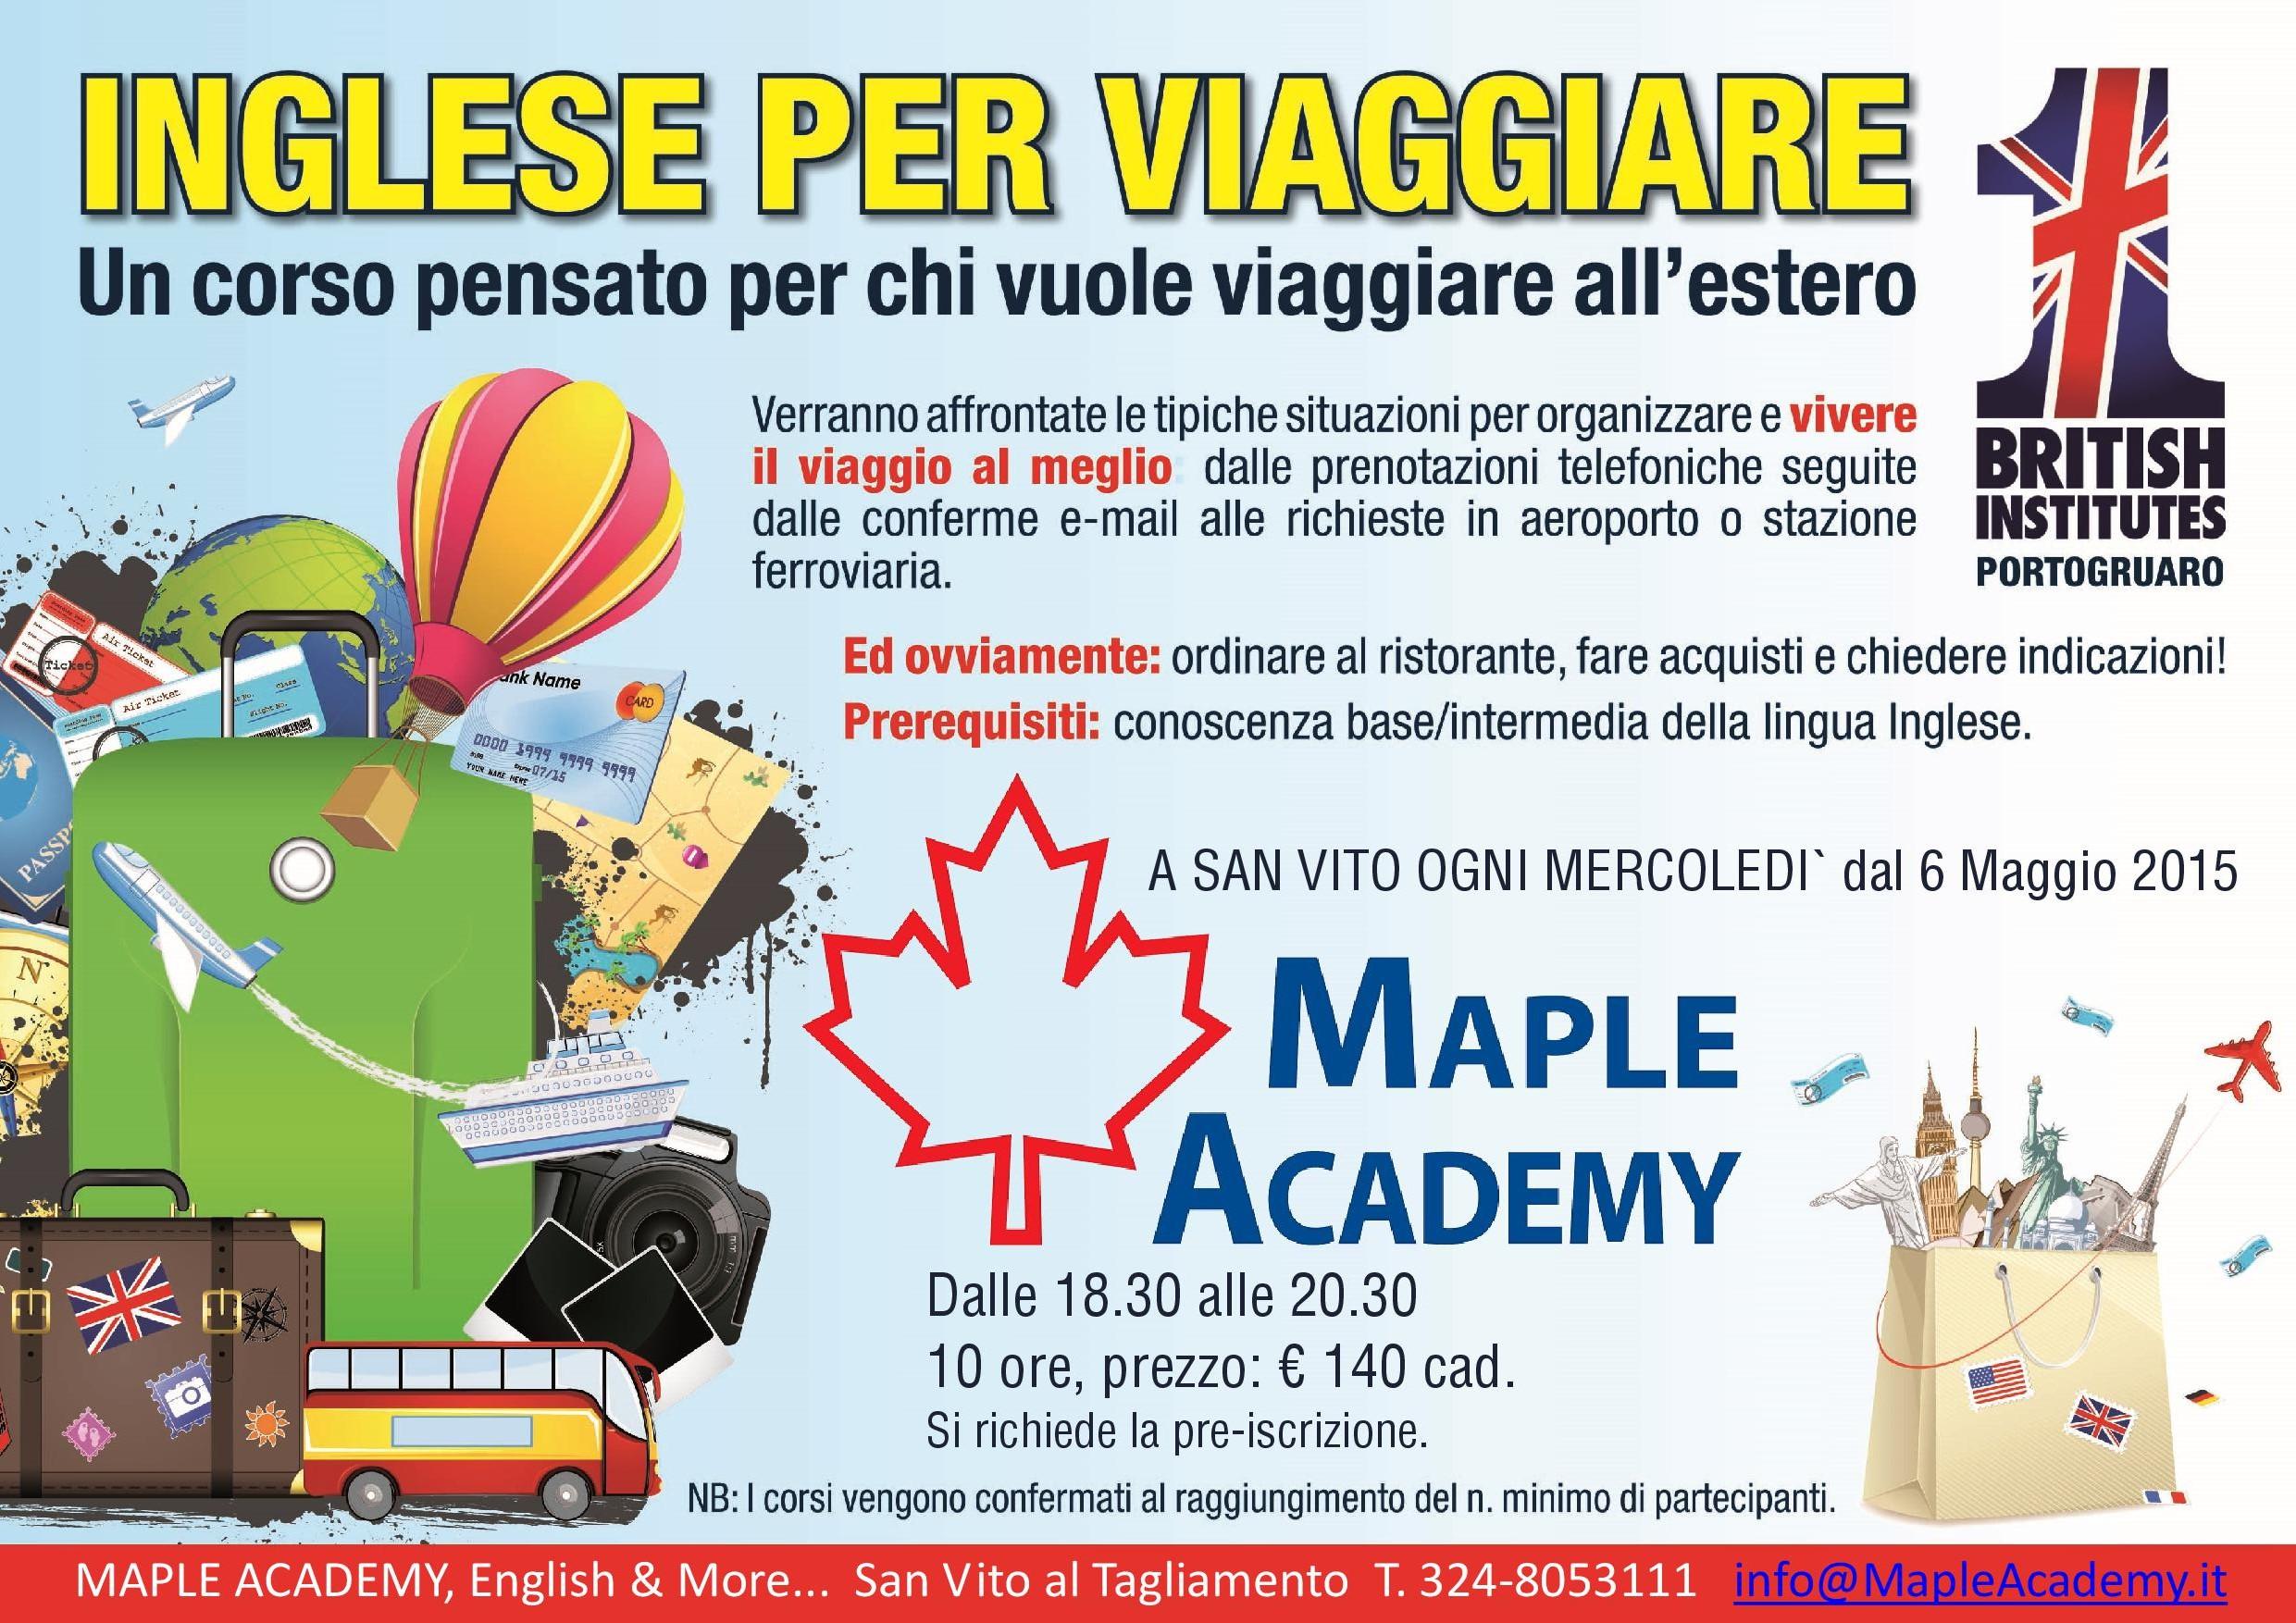 Inglese per Viaggiare Maple Academy